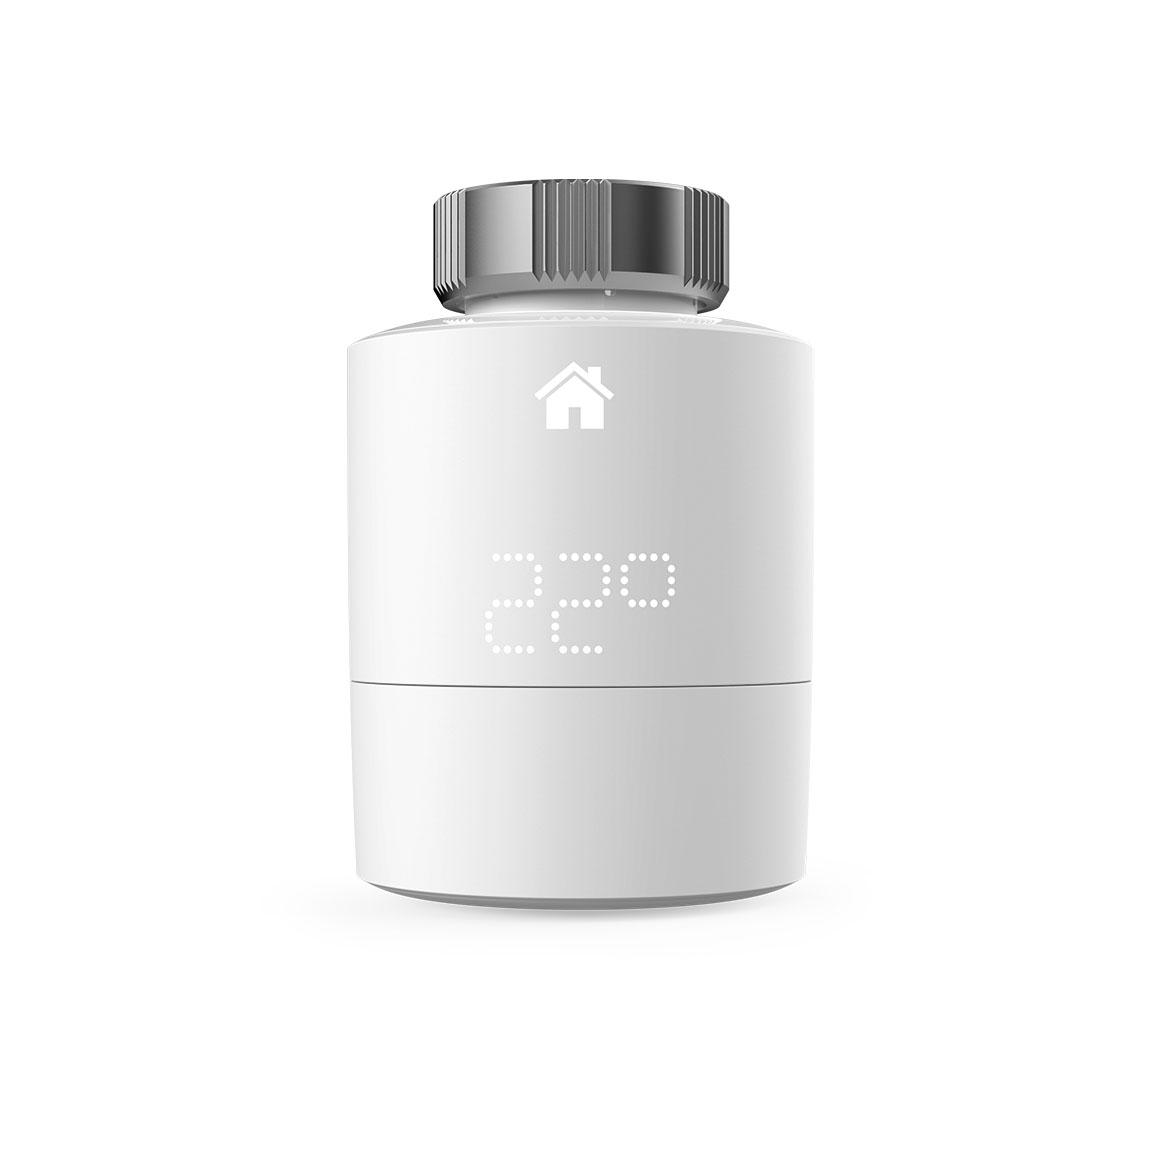 tado° Smartes Heizkörper-Thermostat - Zusatzprodukt für Einzelraumsteuerung